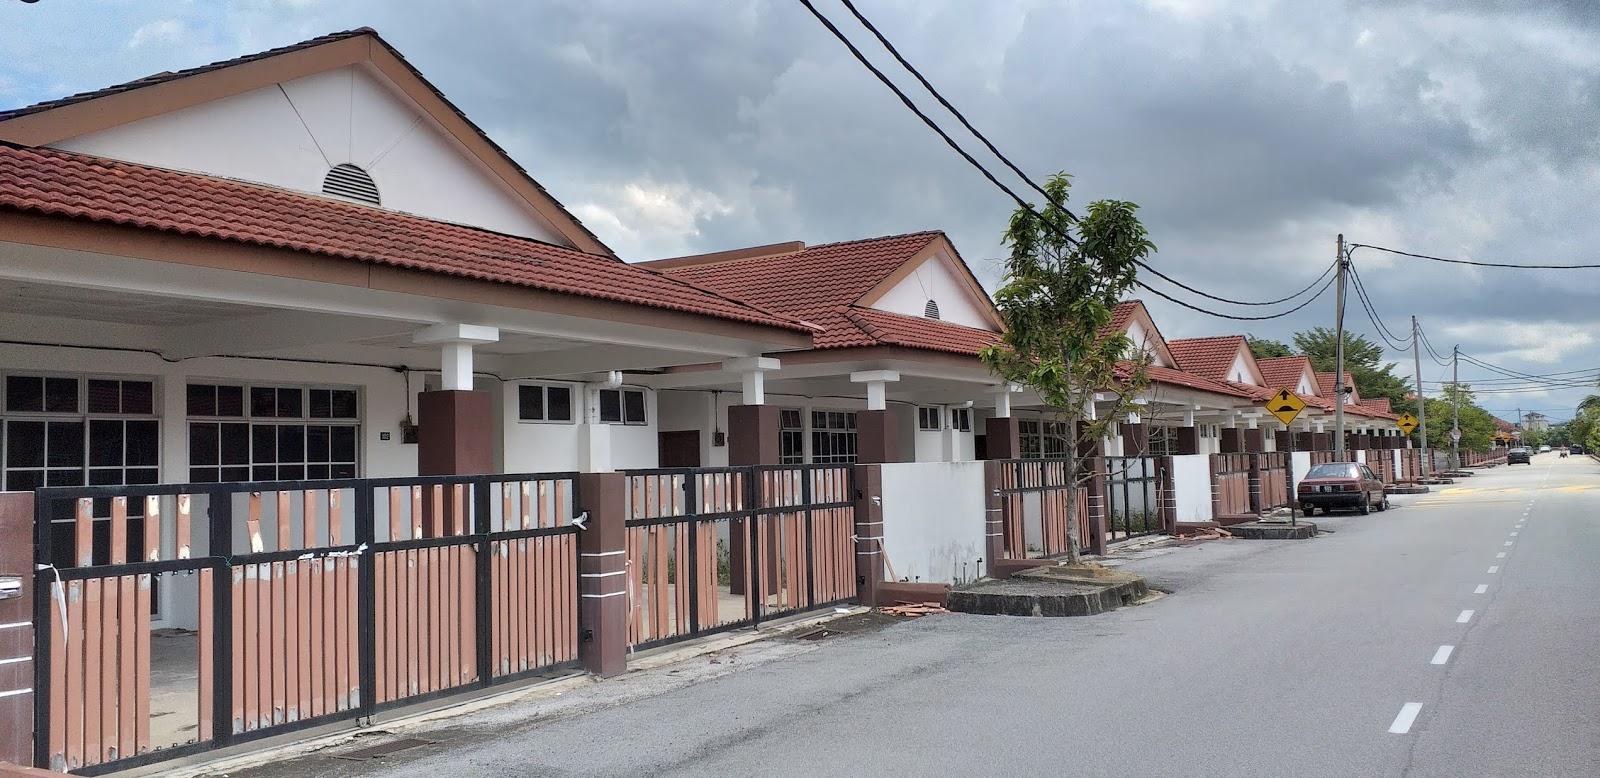 Ipoh Property Agent Rumah Teres 1 Tingkat Di Pulau Pinang Untuk Dijual